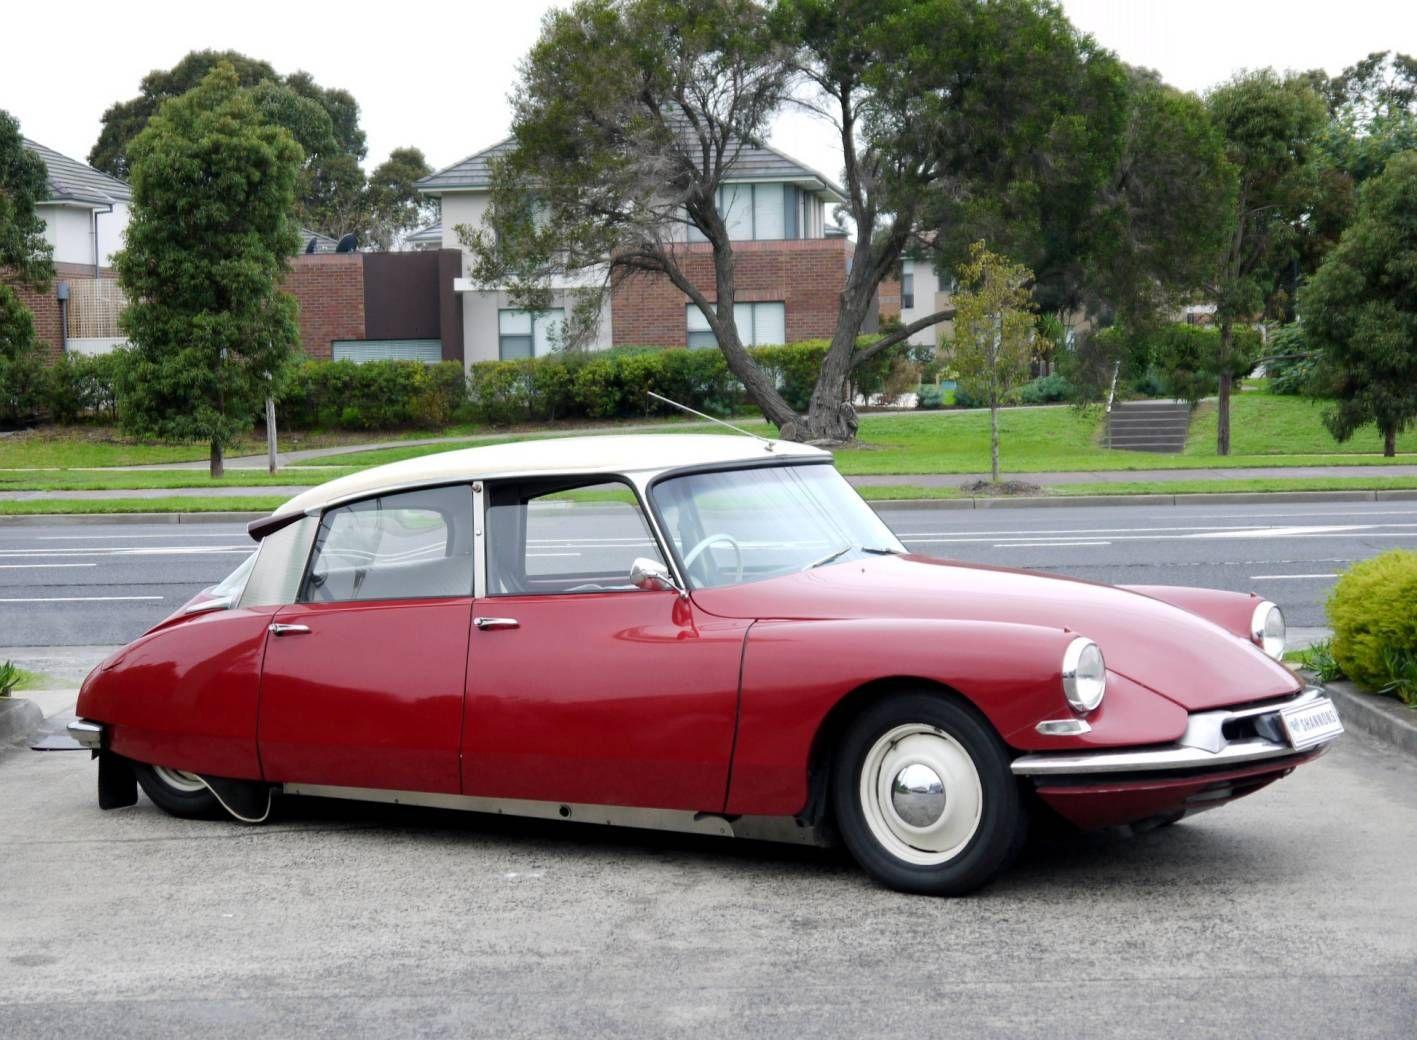 Автомобиль «Ситроен» - любовь и гордость французов